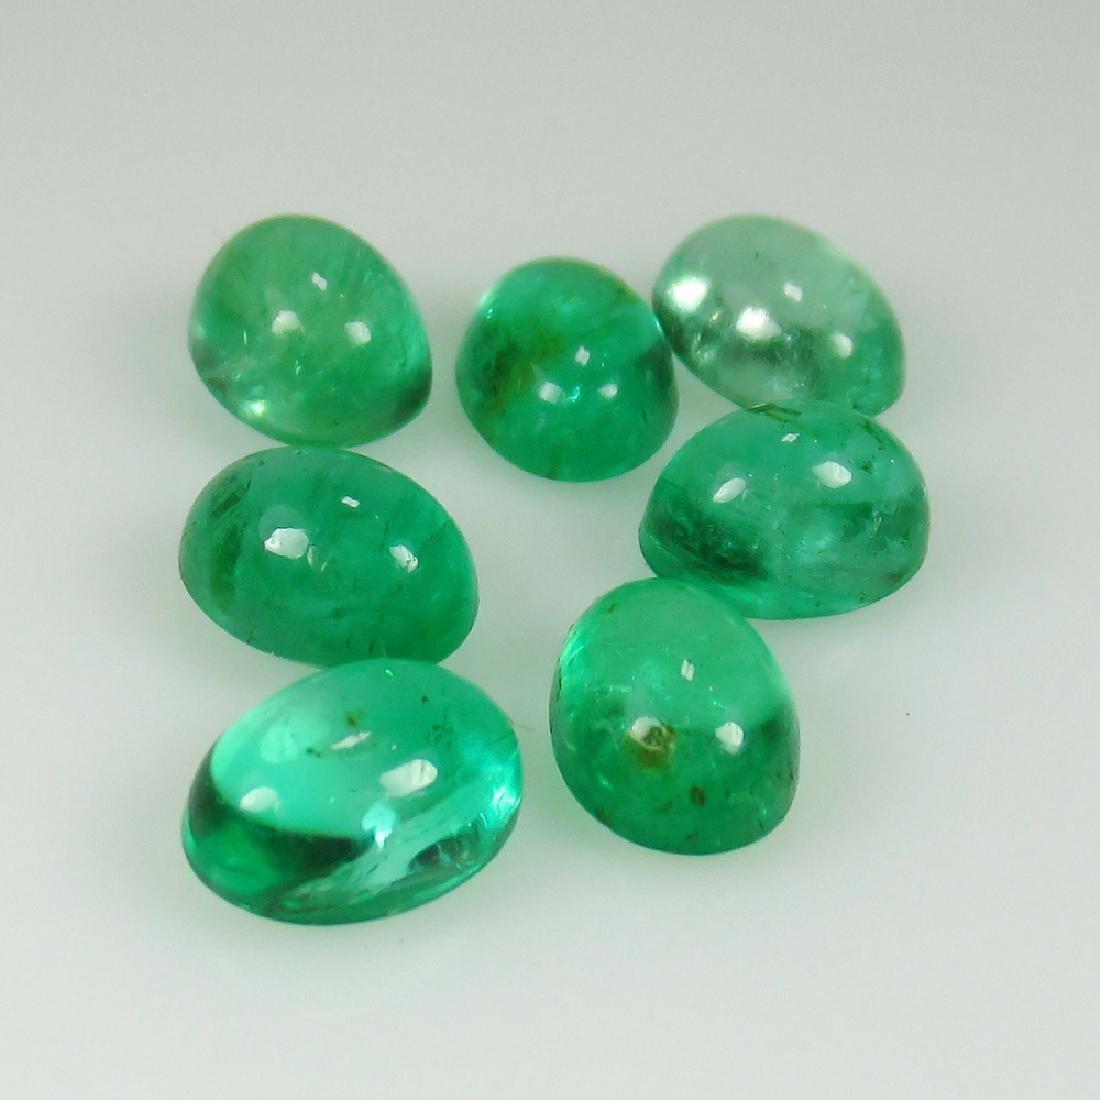 5.38 Ct Genuine Zambian Emerald Matching Oval Cabochon - 2